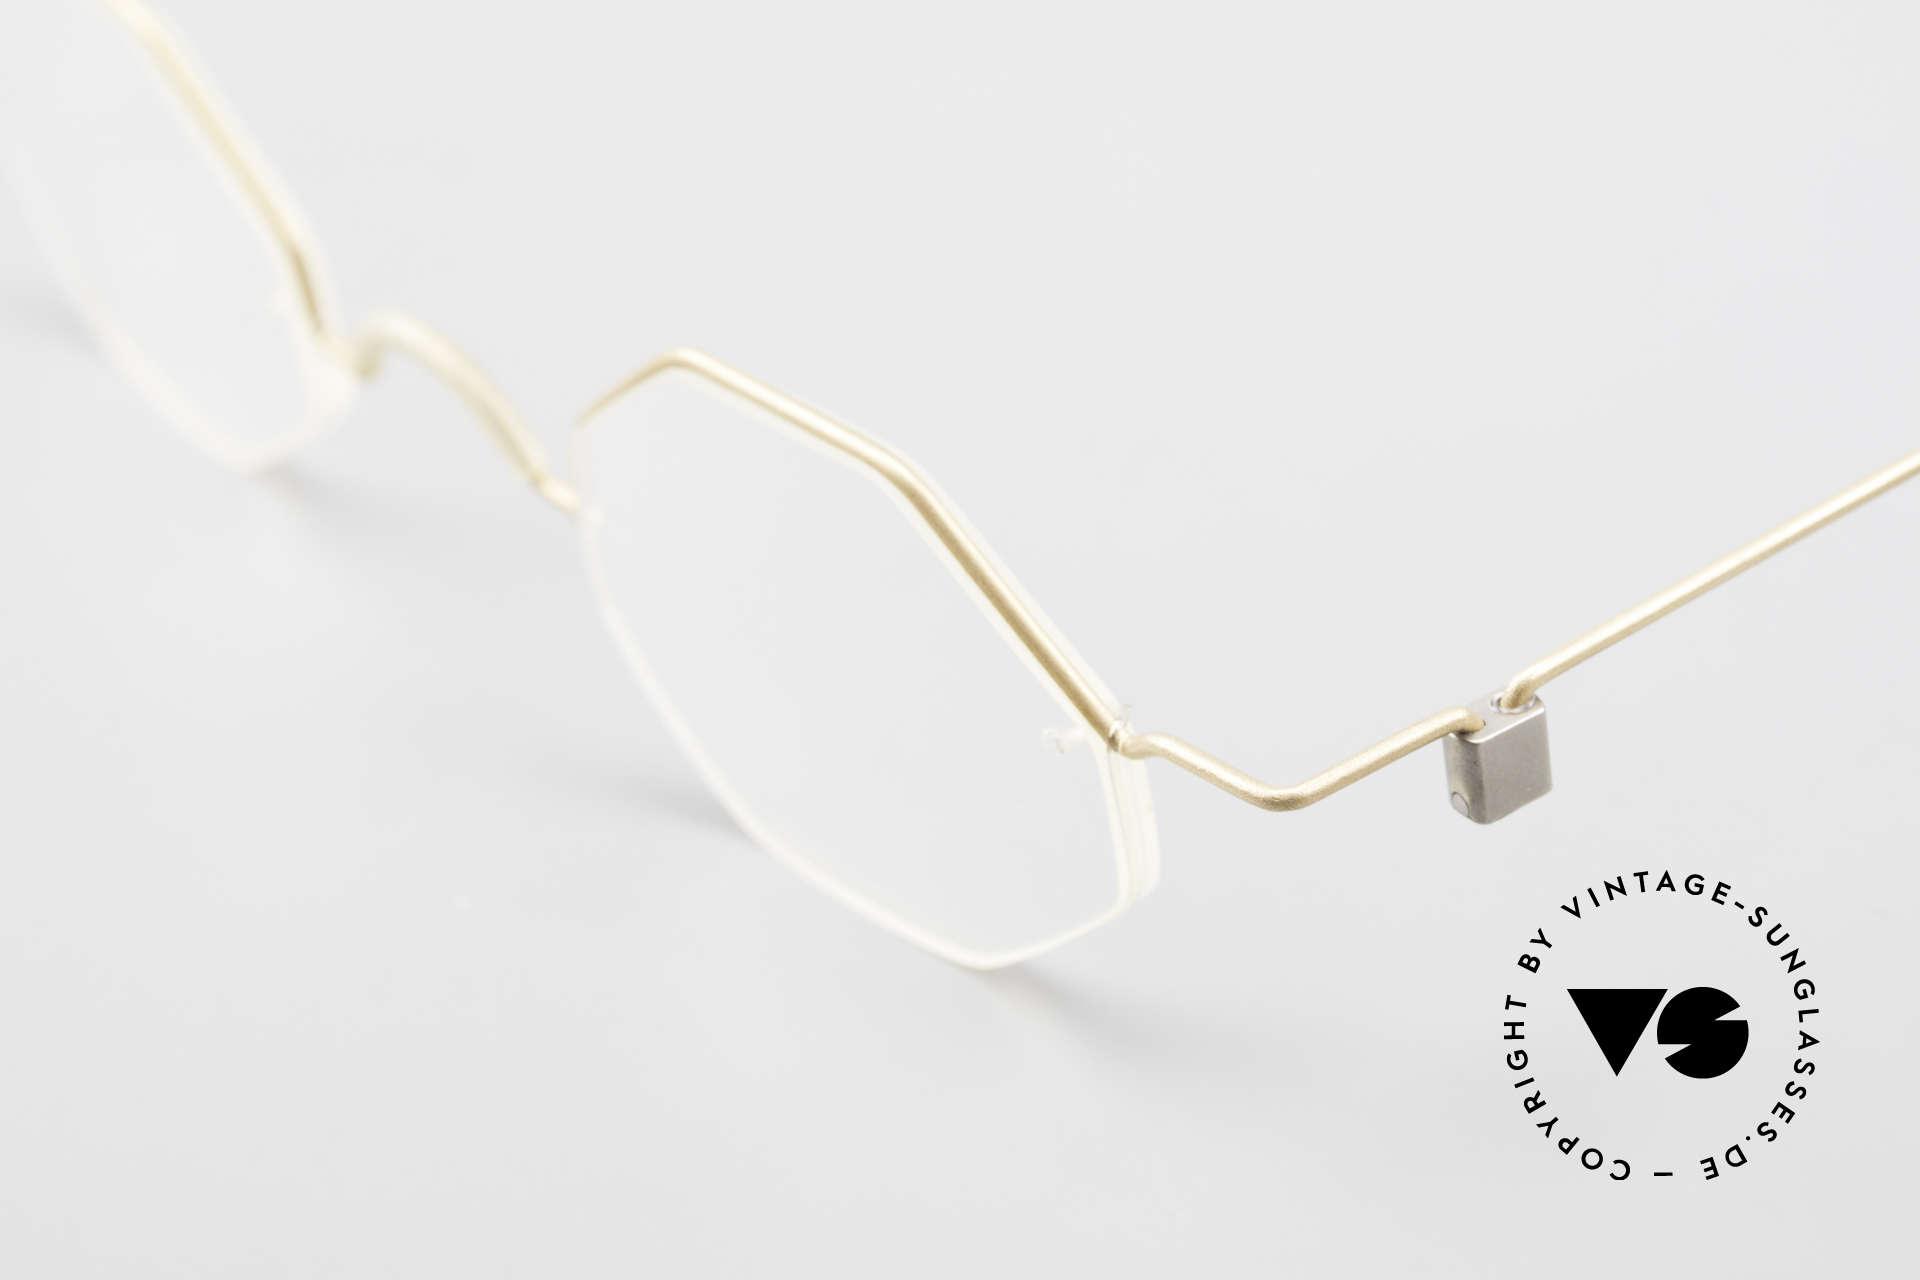 Markus T Achteckige Kenner Brille 90er, ein circa 20-25 Jahre altes, UNGETRAGENES Original!, Passend für Herren und Damen